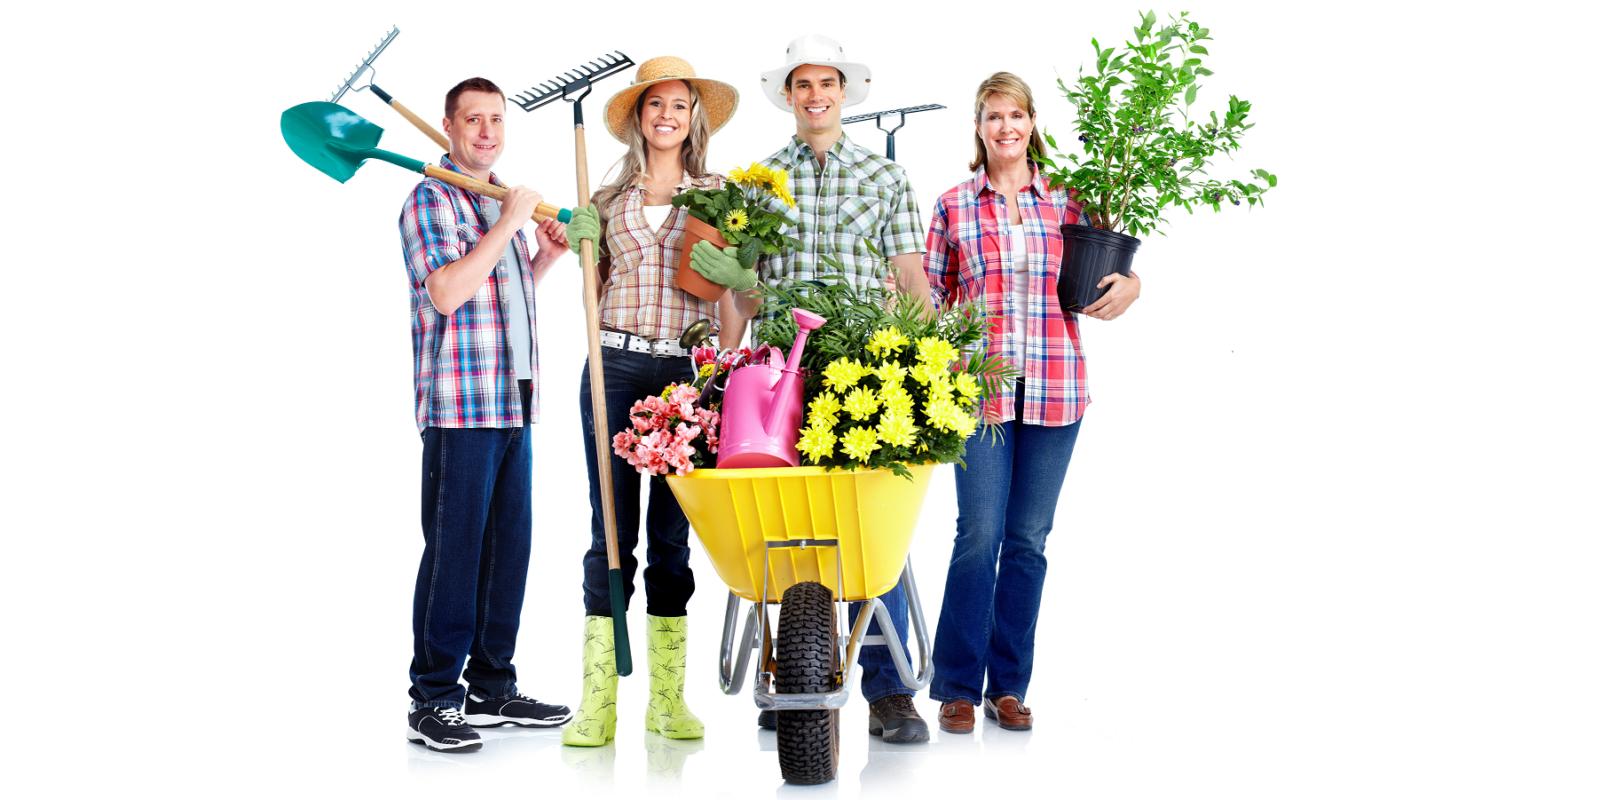 Grupa osób zajmująca się ogrodnictwem - ilustracja